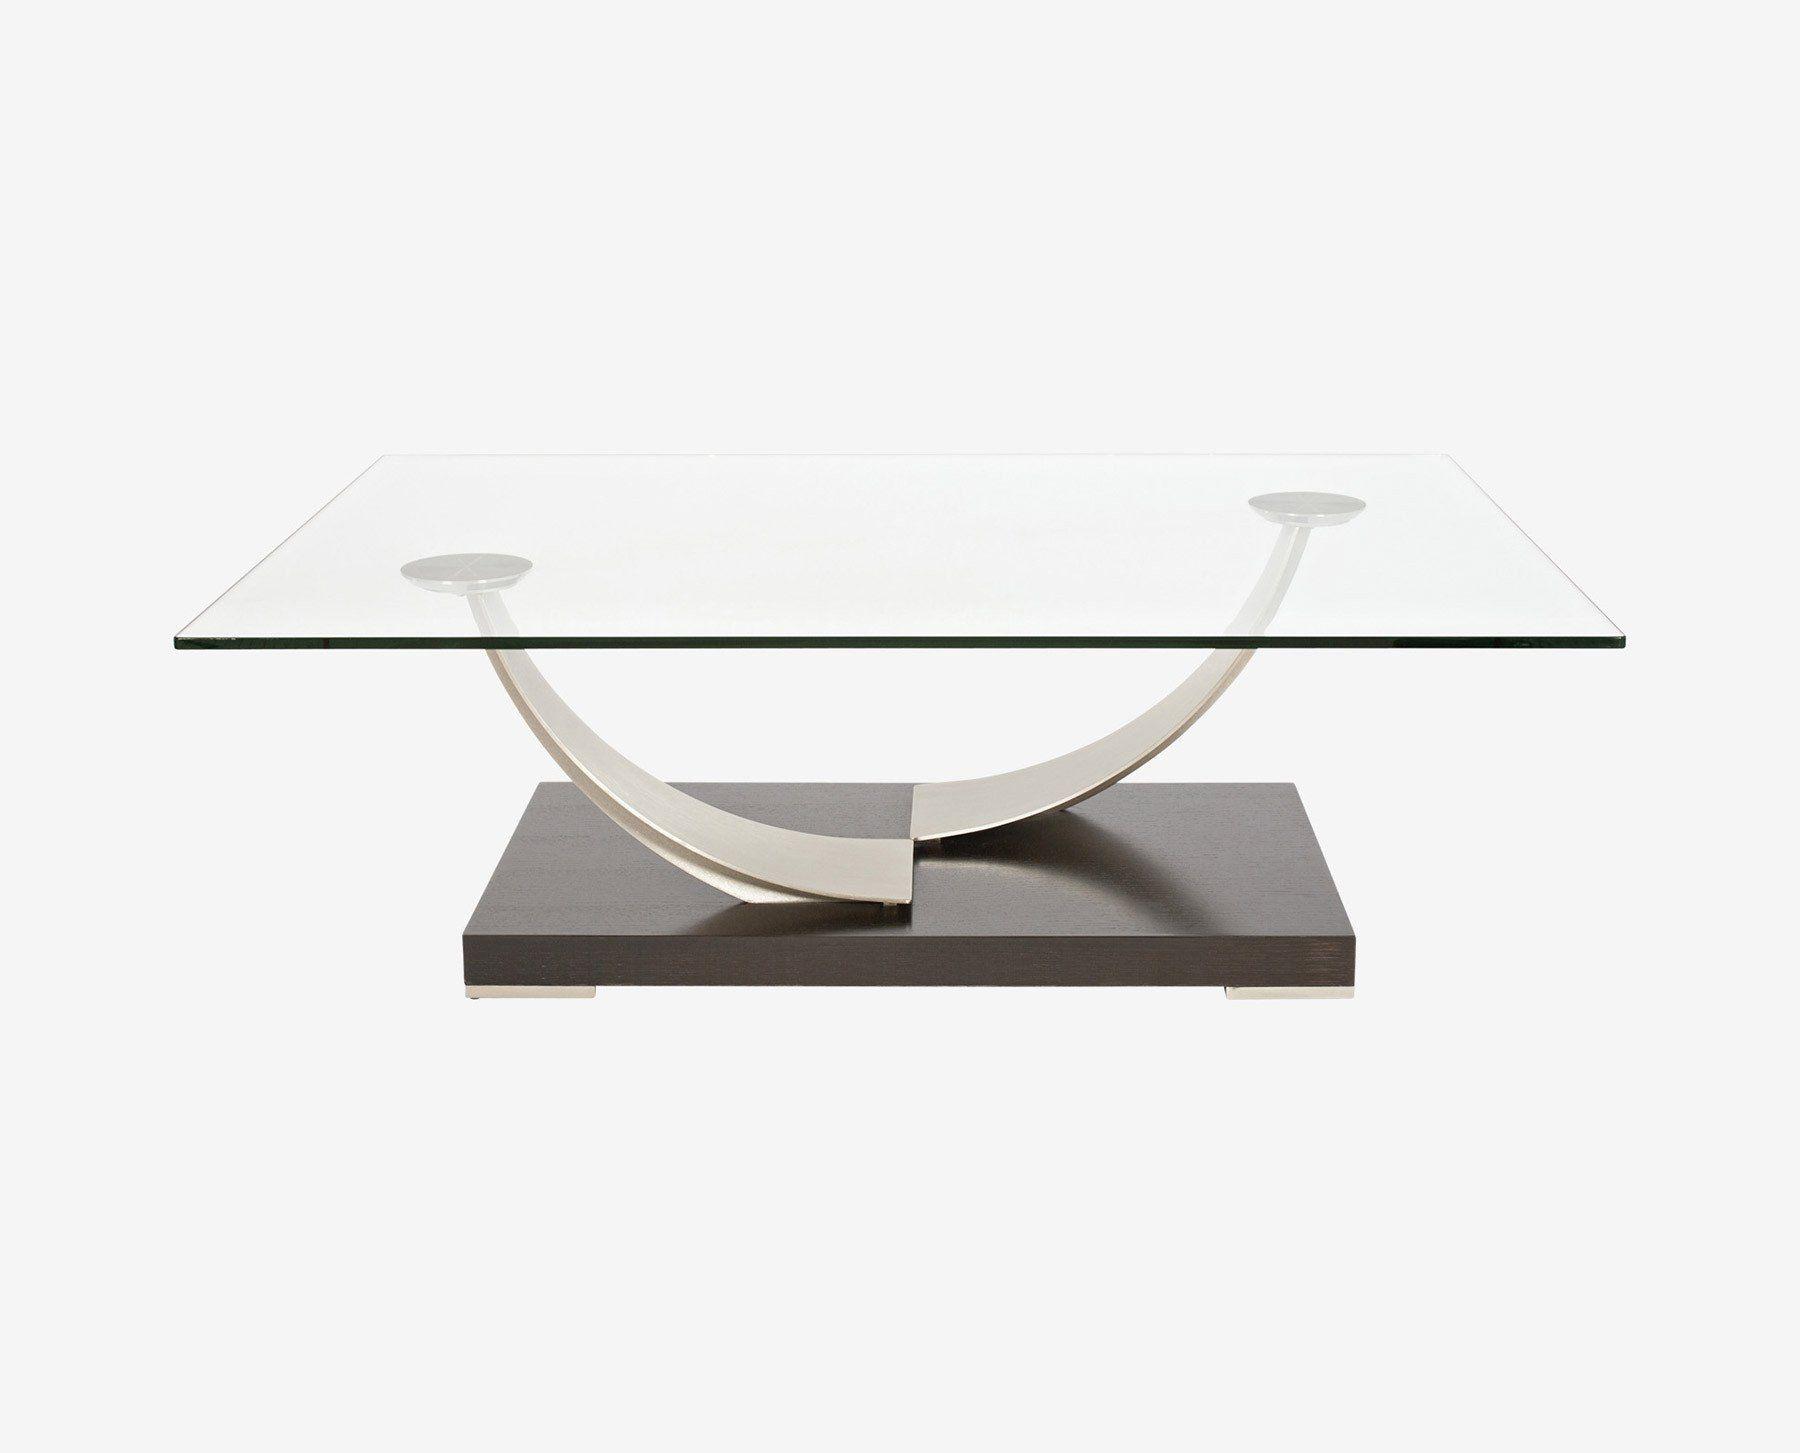 Tangent Coffee Table Scandinavian Designs Scandinavian Coffee Table Coffee Table Table [ 1453 x 1800 Pixel ]